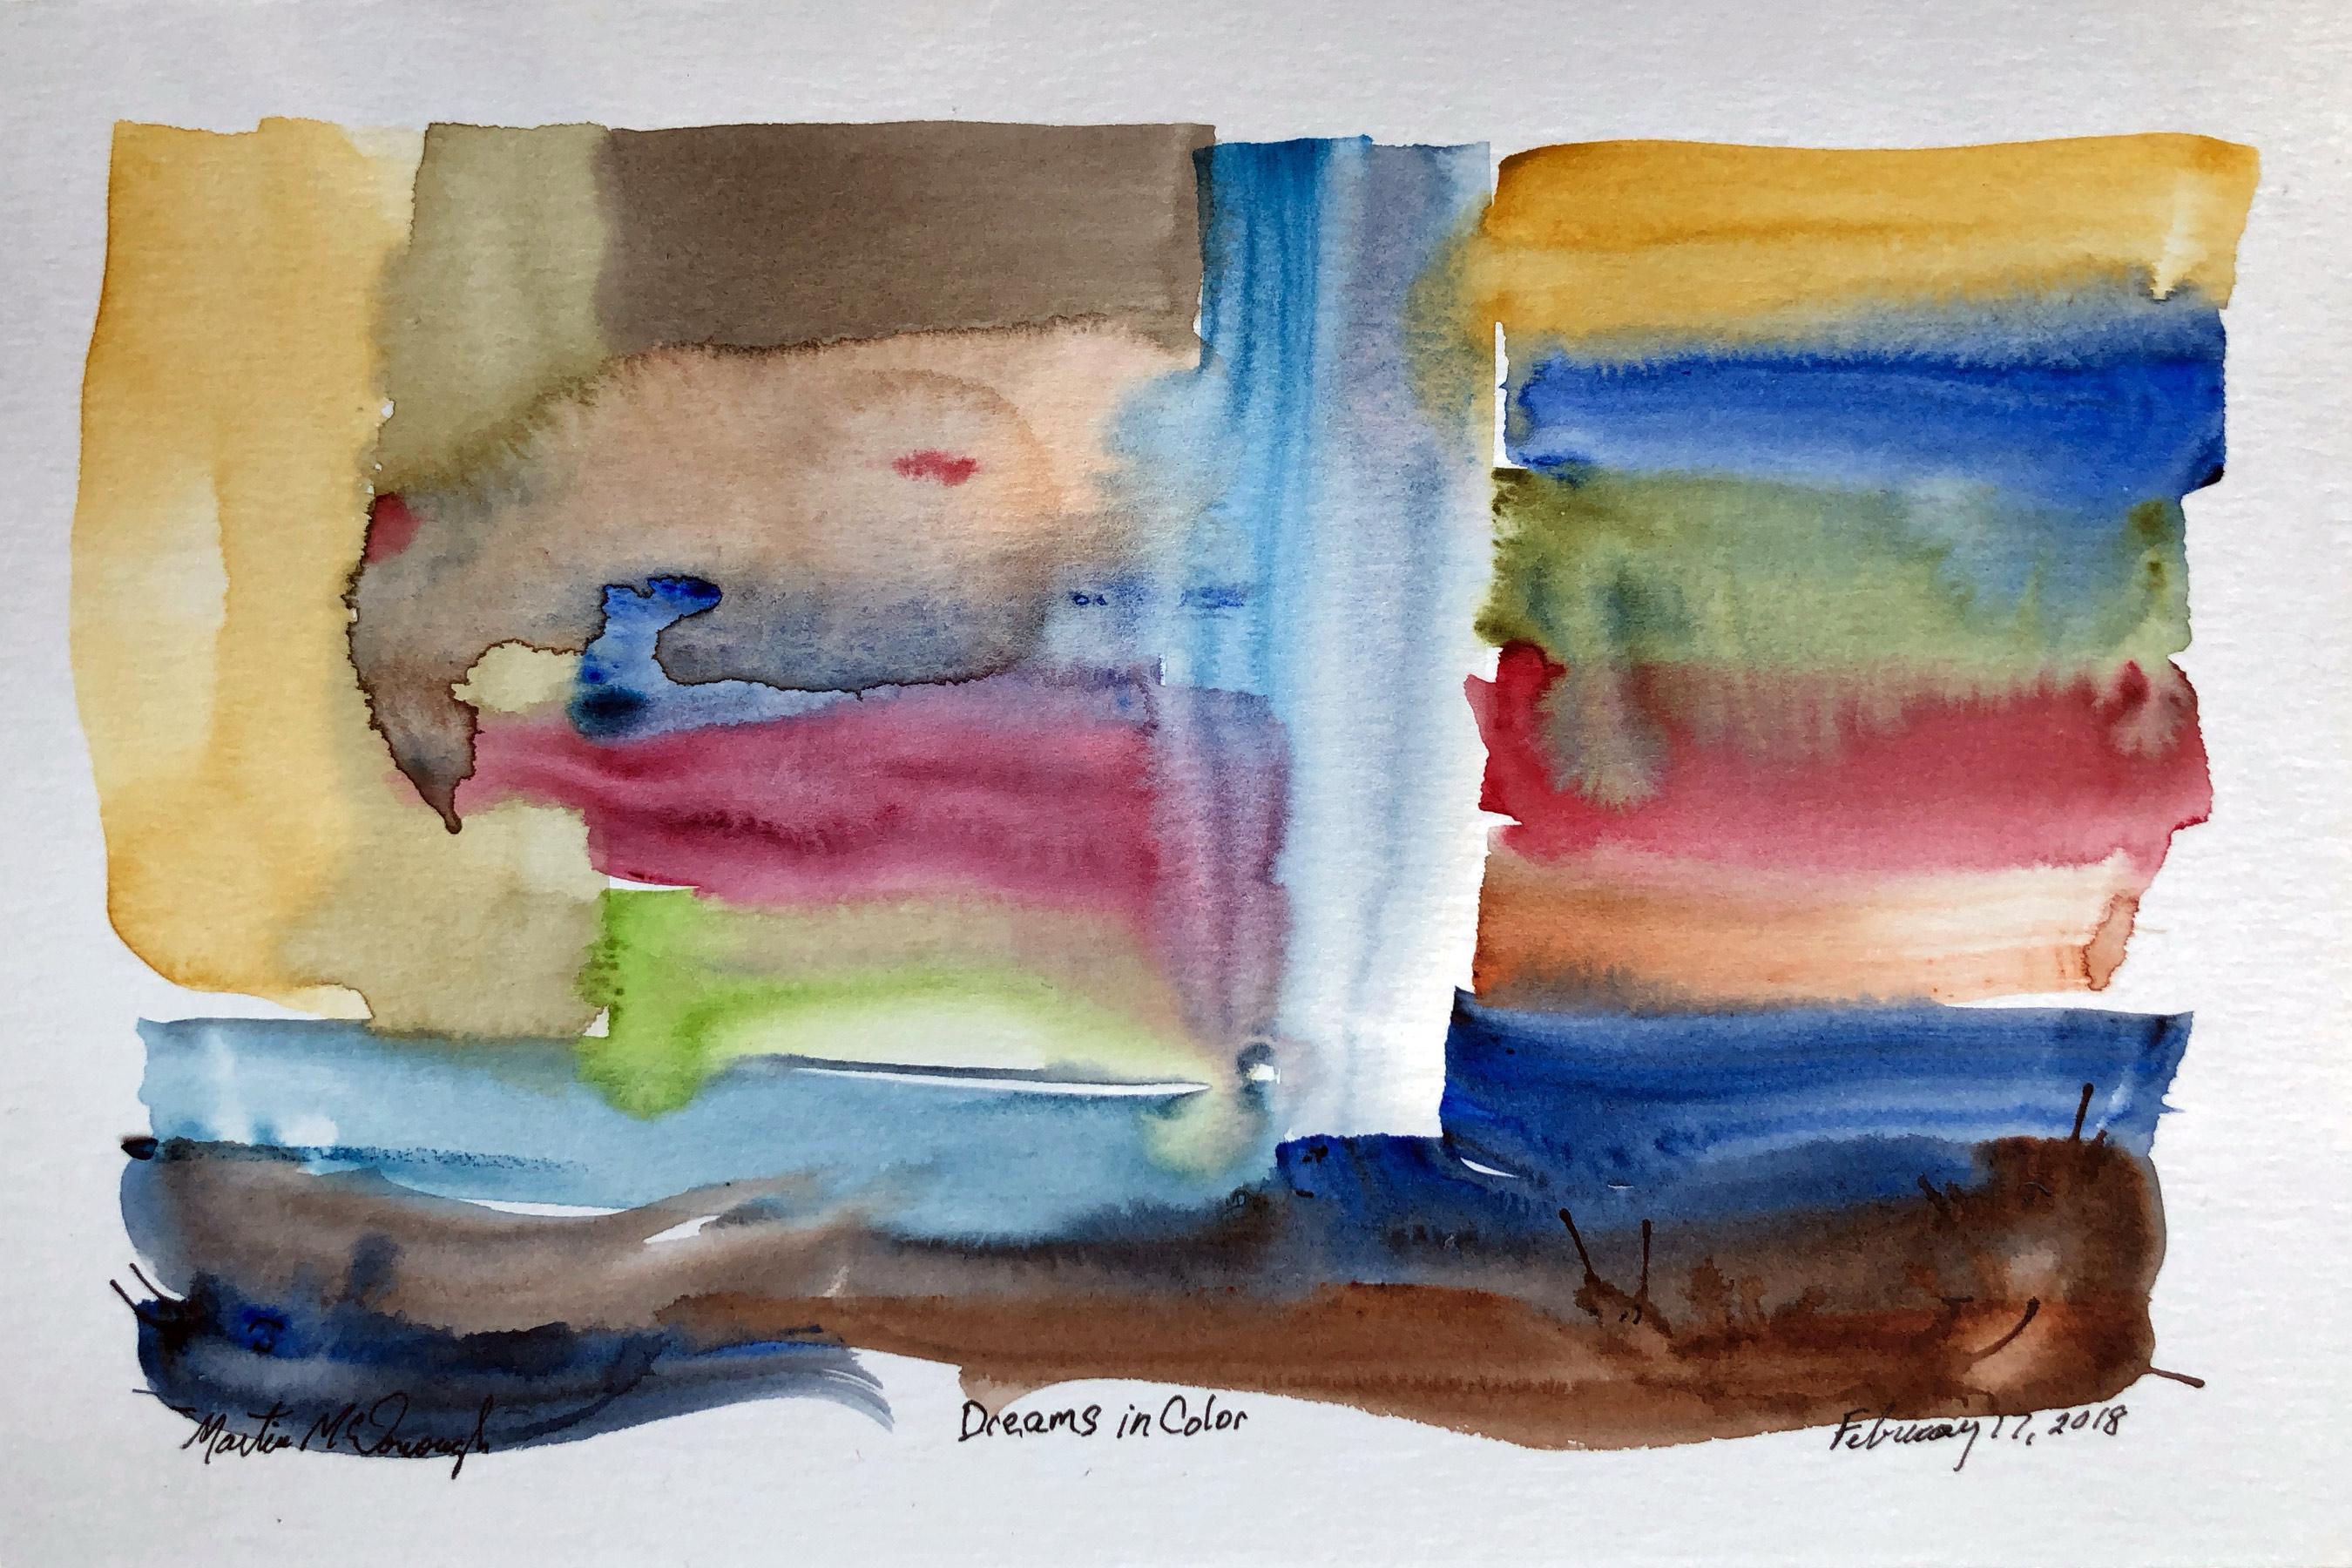 dreams-in-color-web